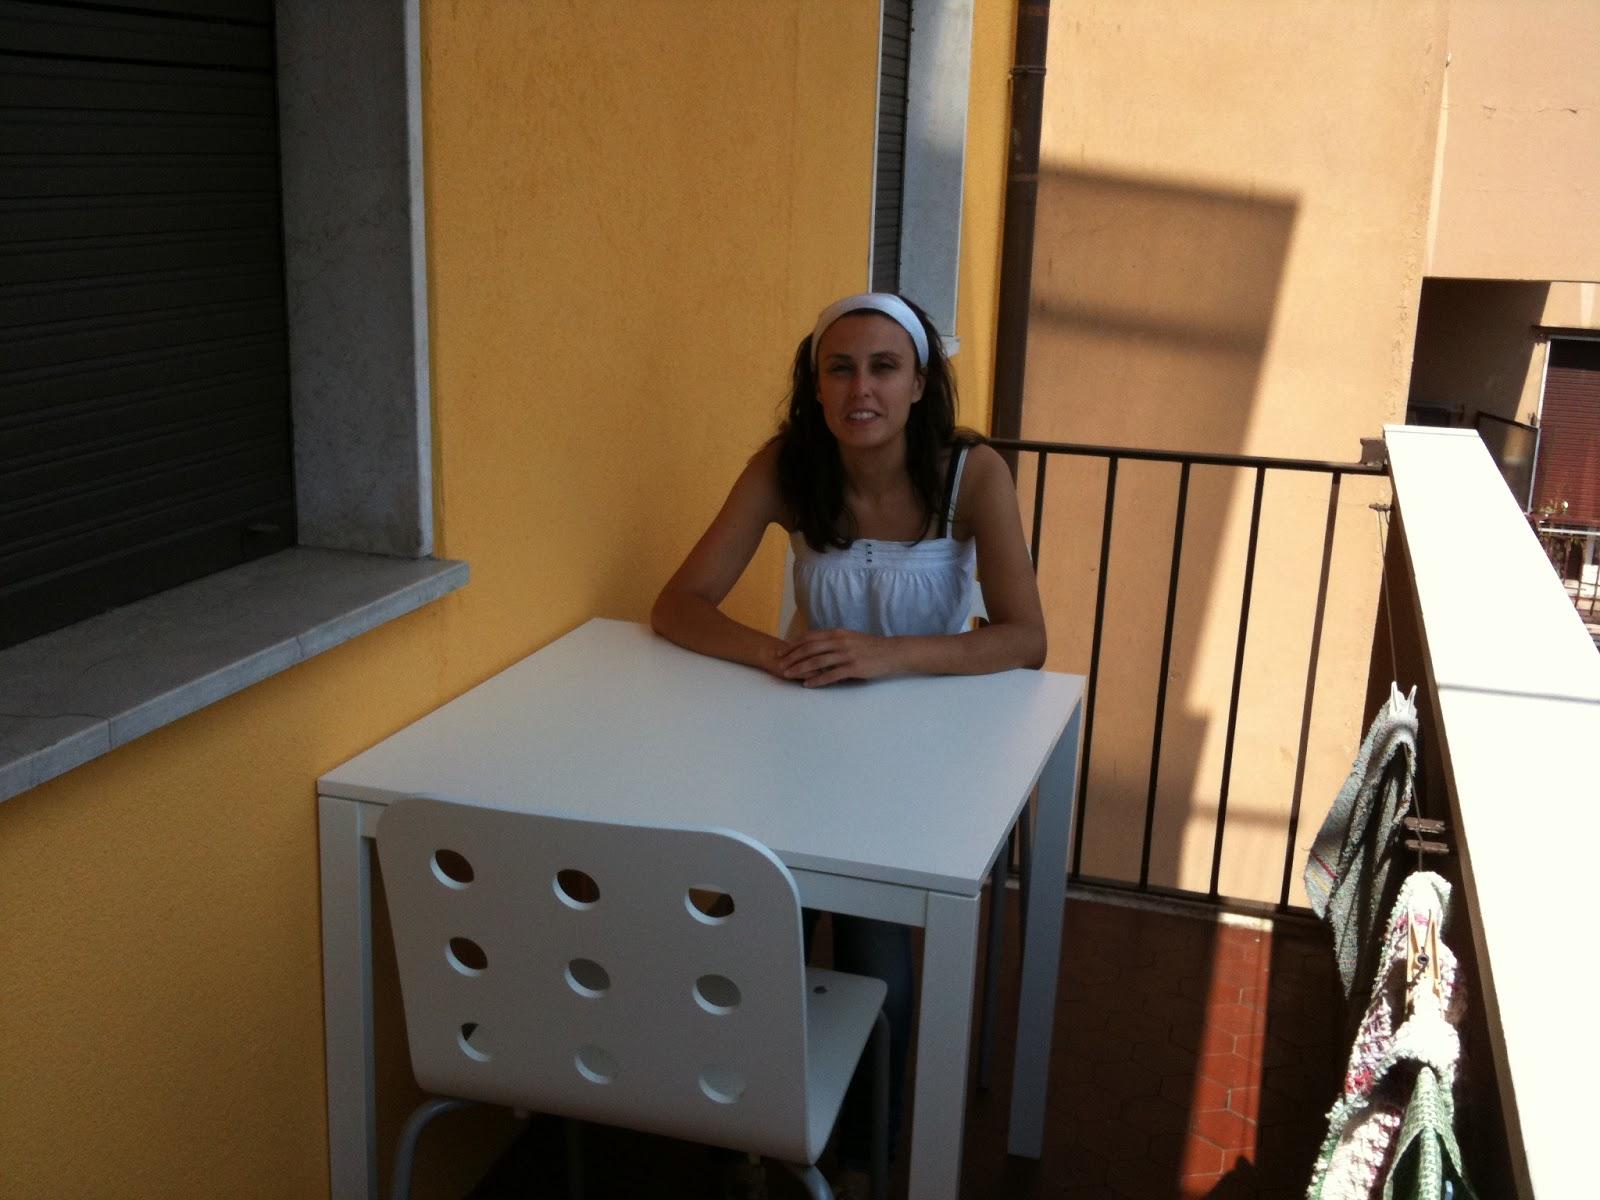 Arredo Balcone Ikea : Arredo balconi ikea. Arredamento balcone ikea ...